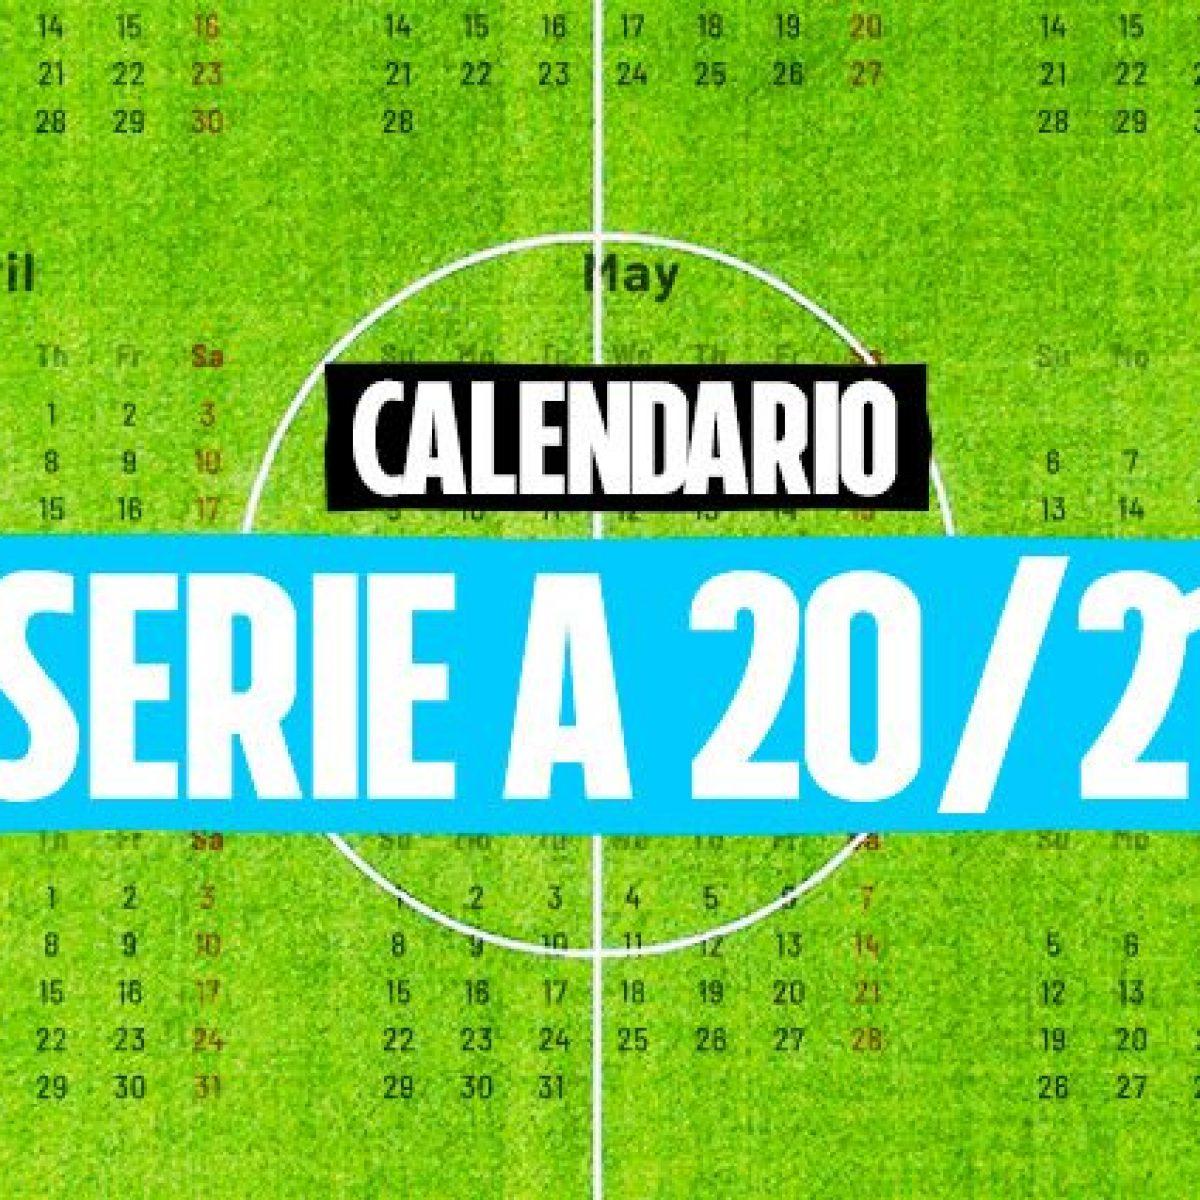 Calendario Serie A 2020 21 Tutte Le Partite E Le Giornate